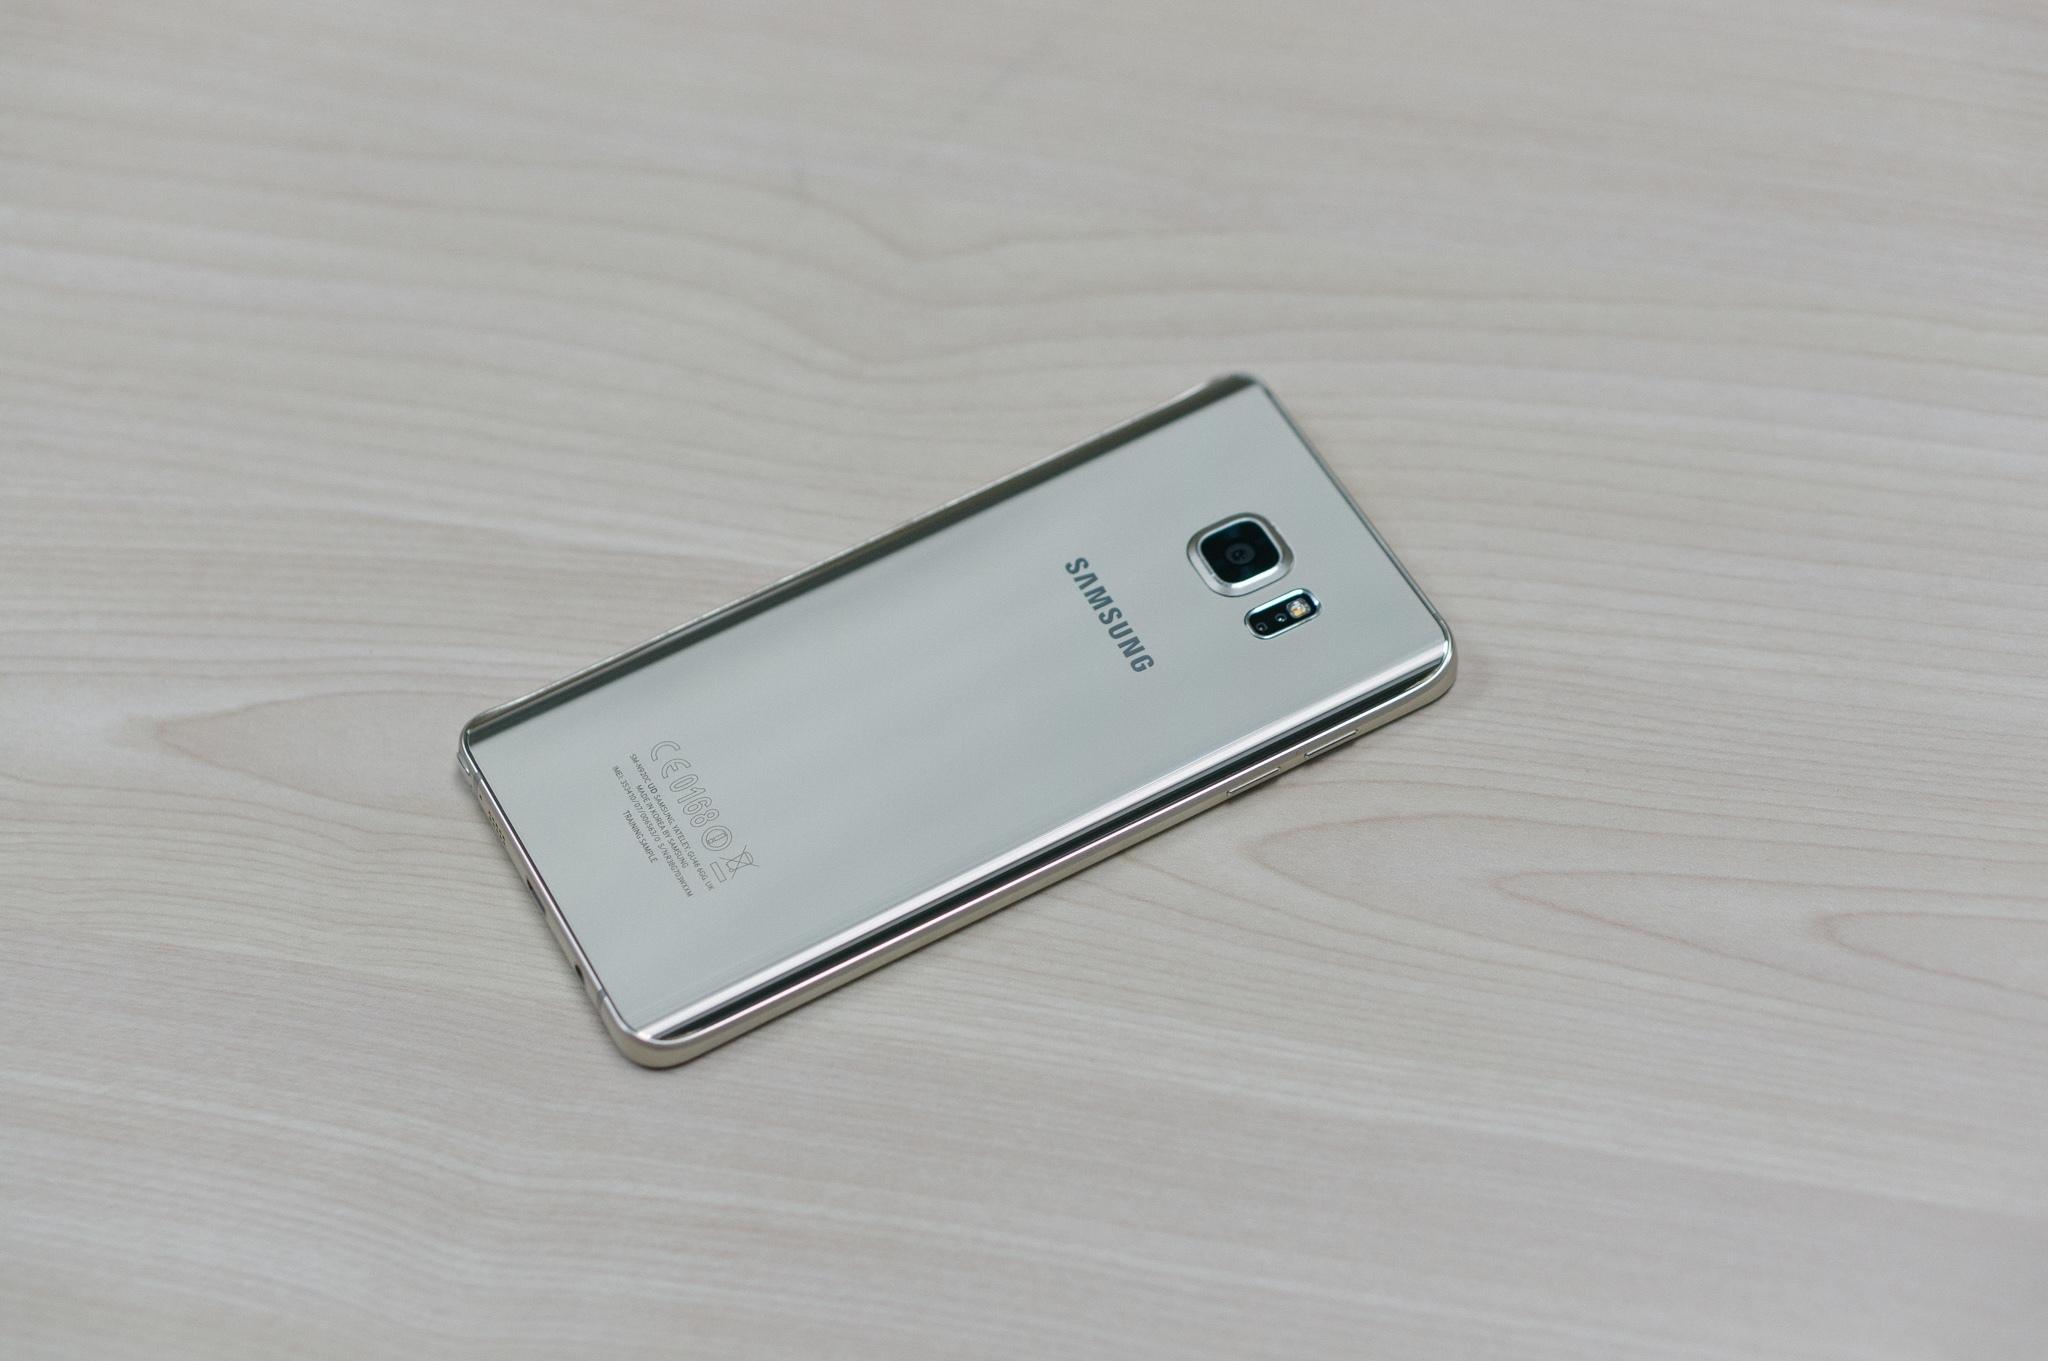 Galaxy Note 5 thiết kế hoàn hảo giá chính hãng hấp dẫn